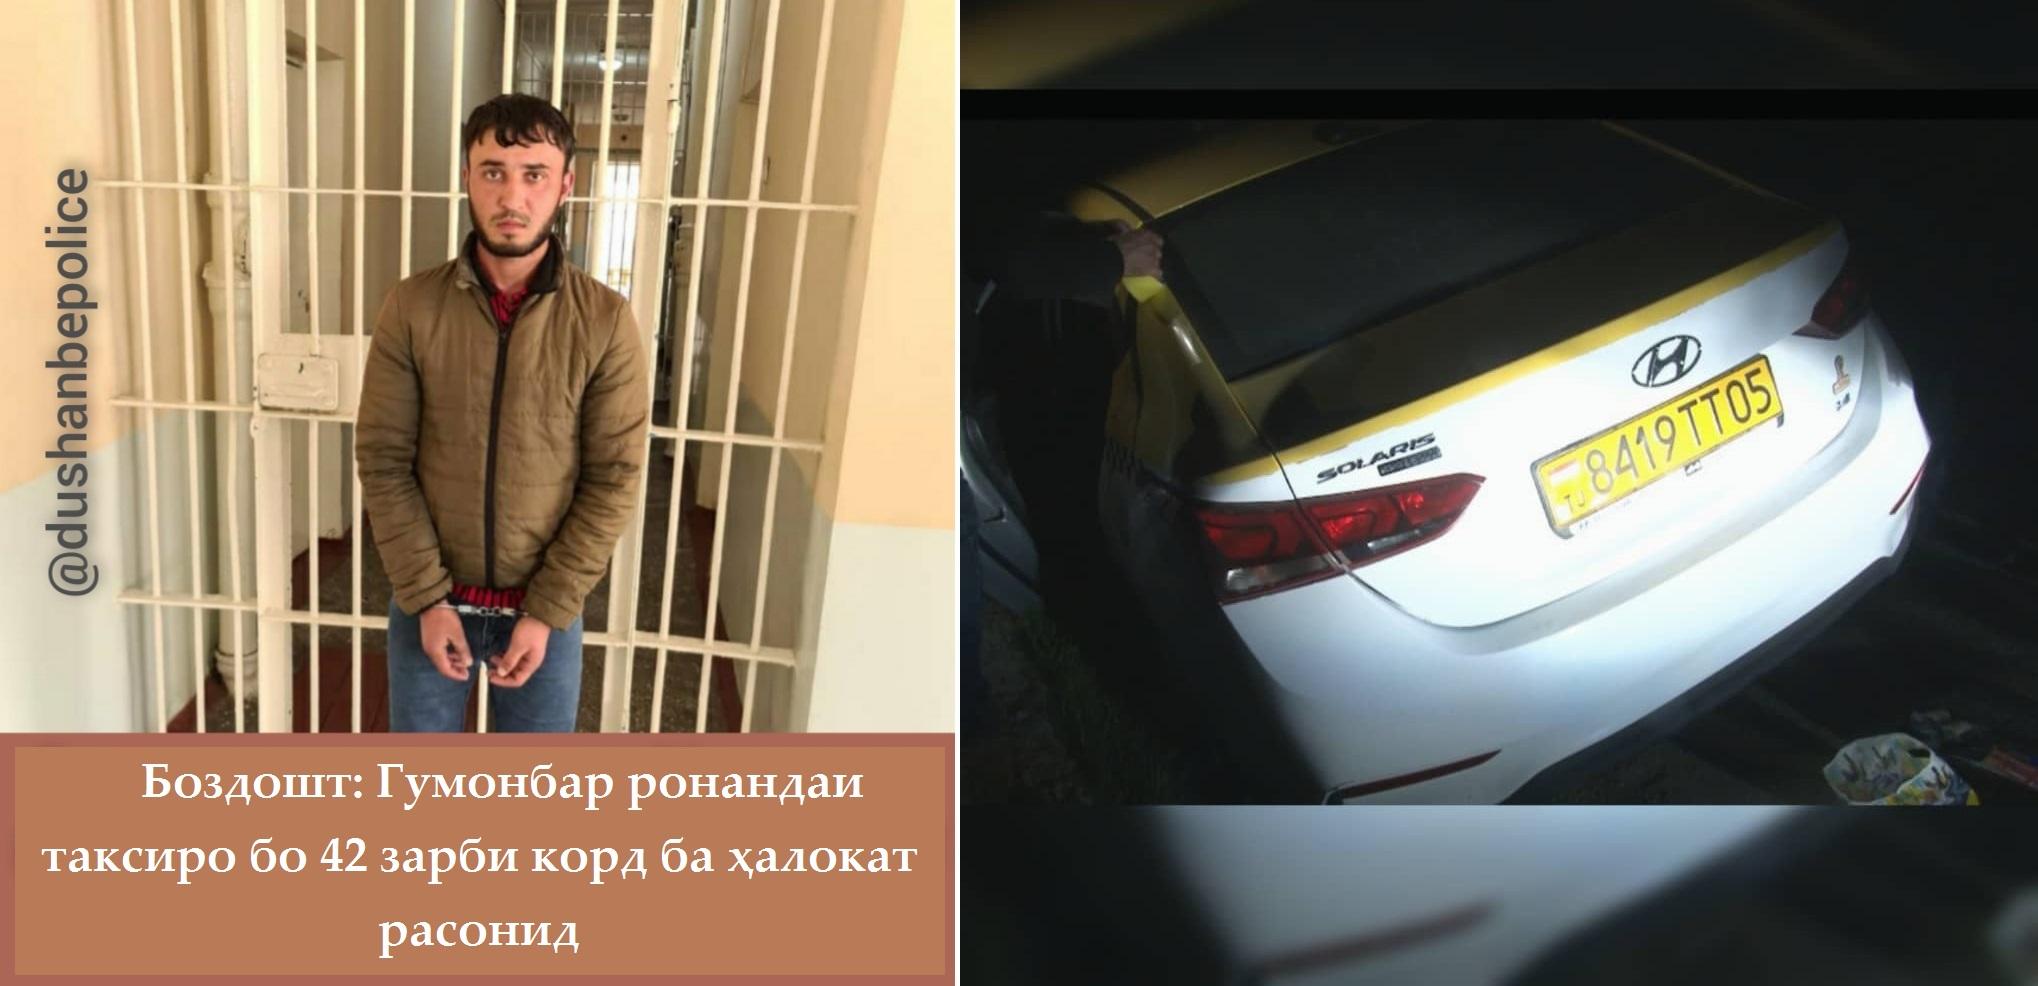 Боздошт: Гумонбар ронандаи таксиро бо 42 зарби корд ба ҳалокат расонид